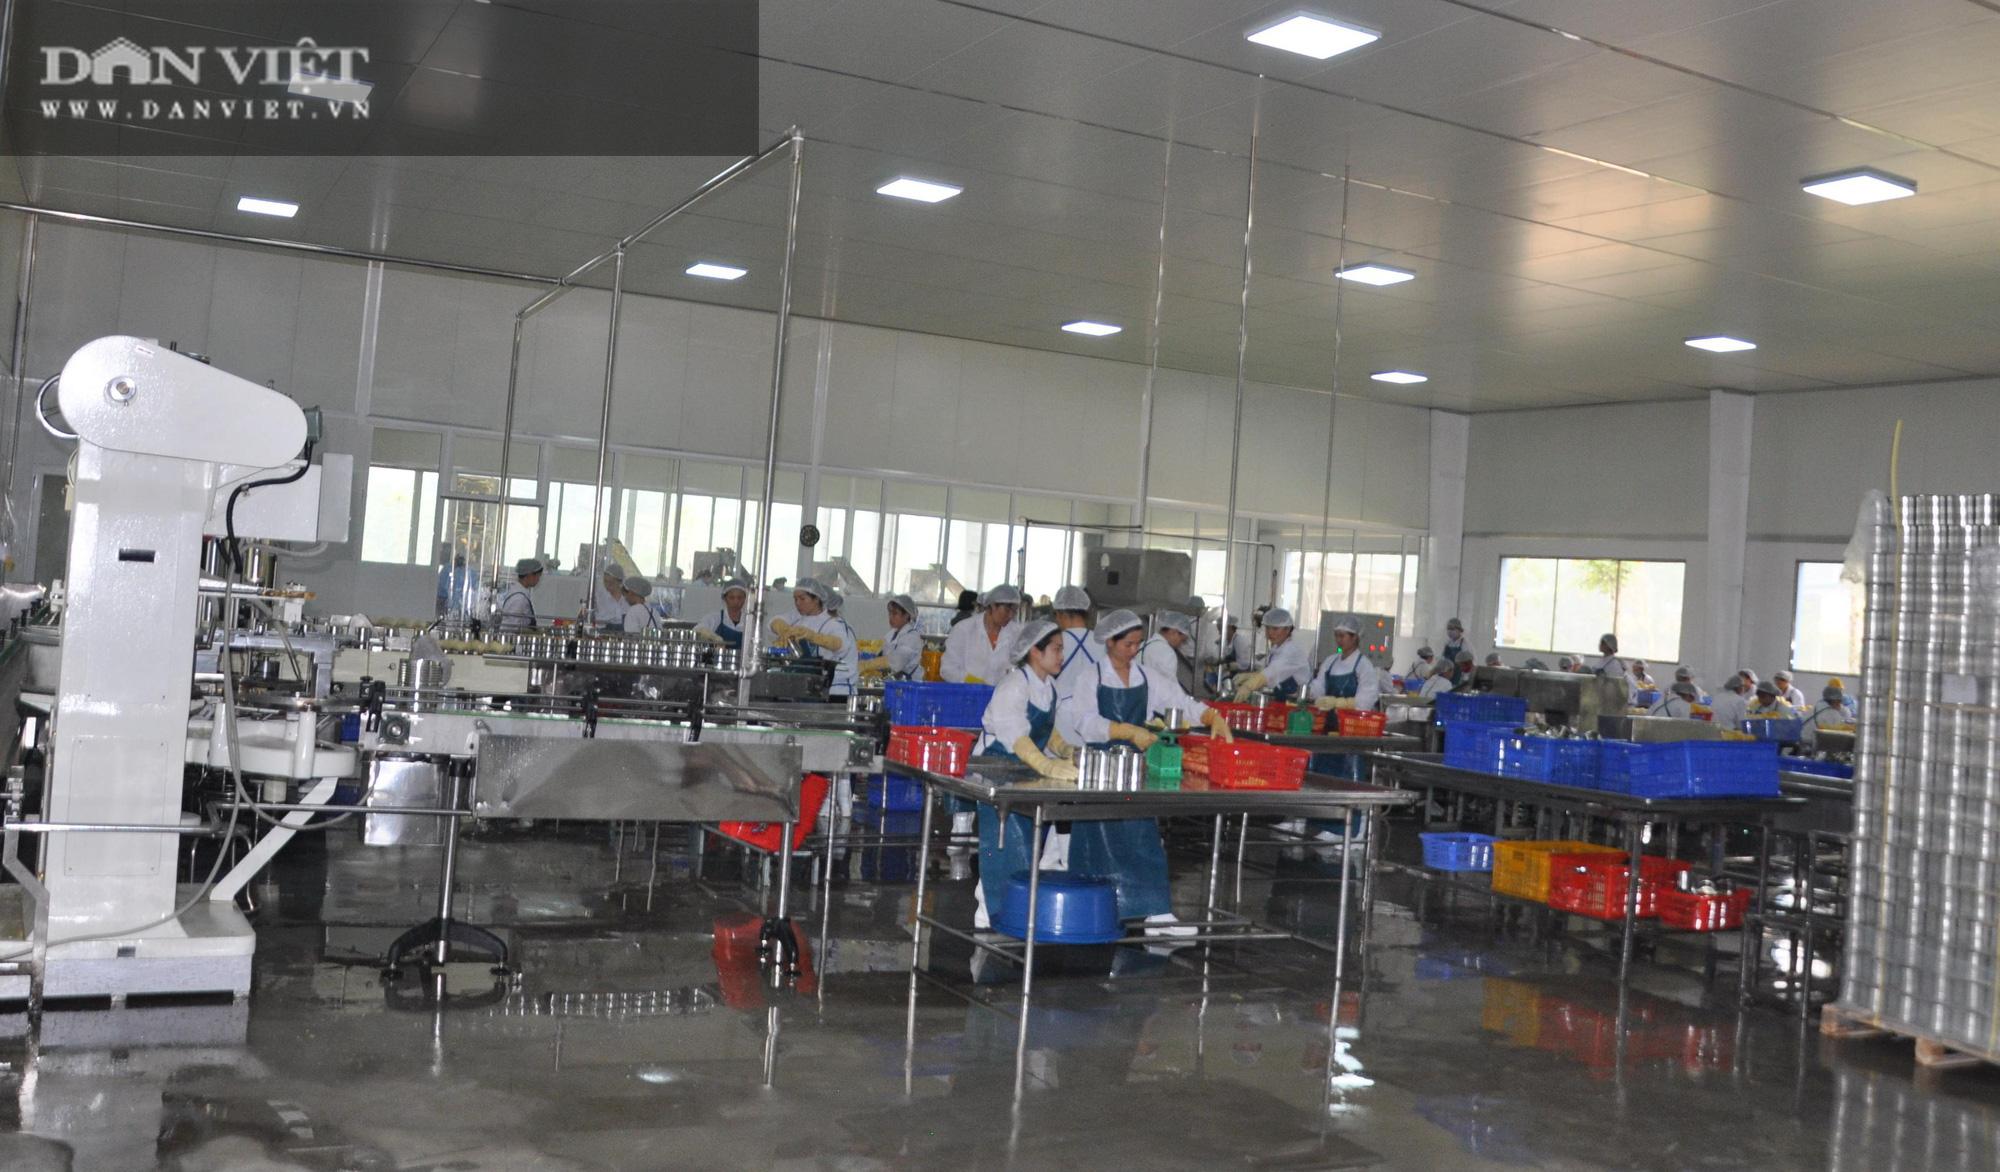 Chủ tịch Hội Nông dân Việt Nam thăm nhà máy chế biến rau quả xuất khẩu lớn ở huyện biên giới - Ảnh 5.